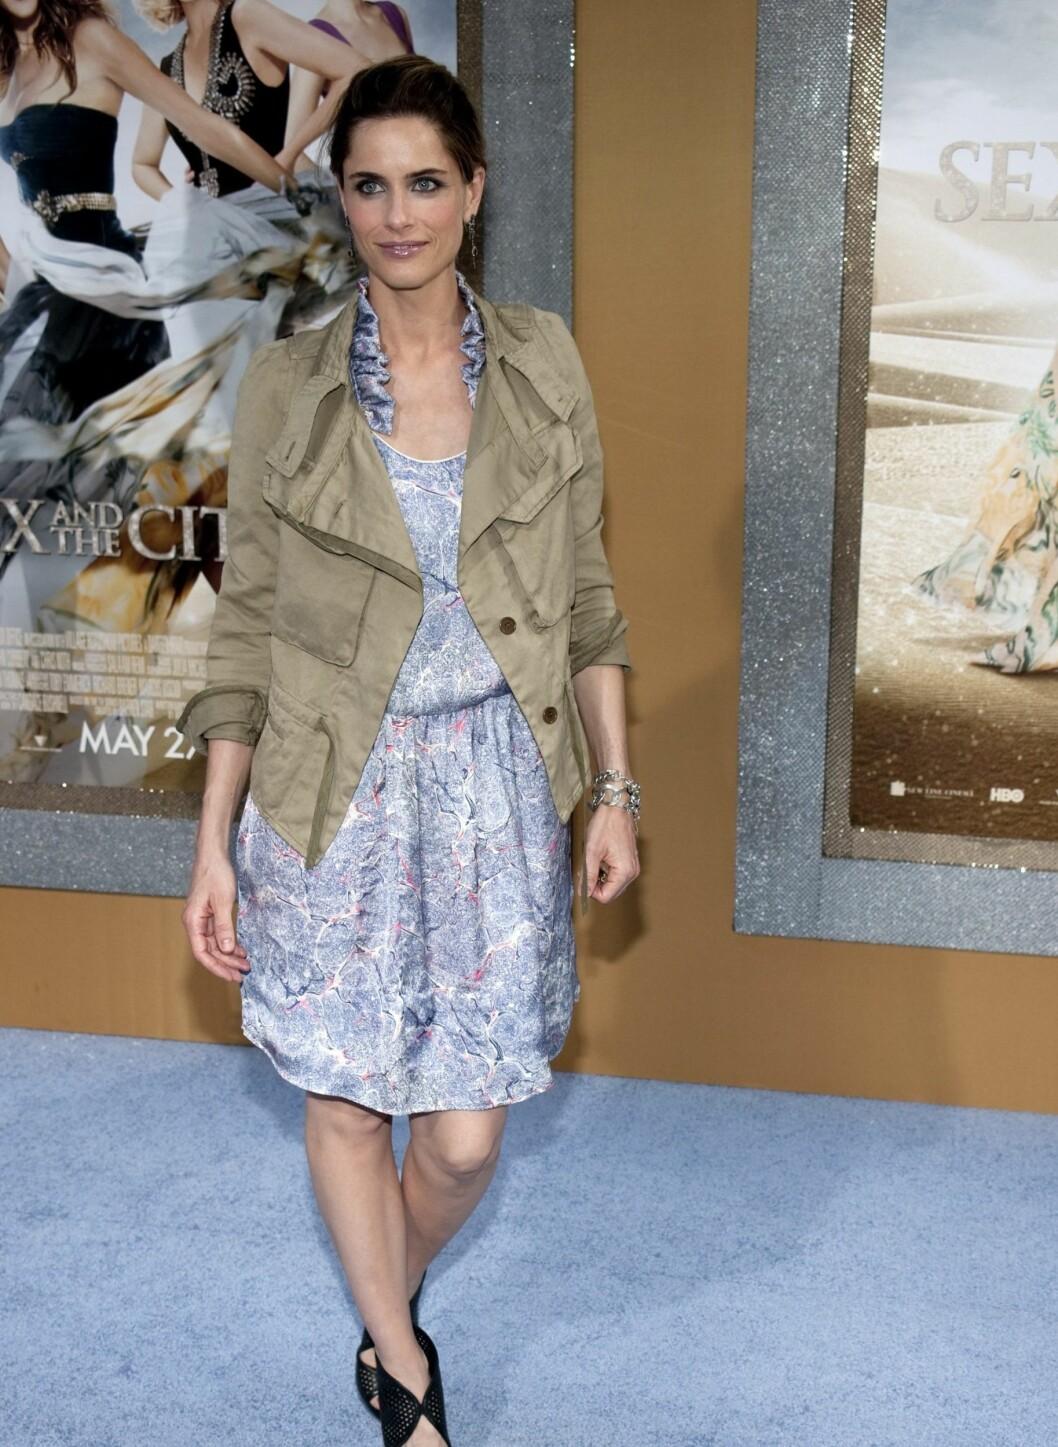 Skuespiller Amanda Peet var også på premieren. Foto: All Over Press